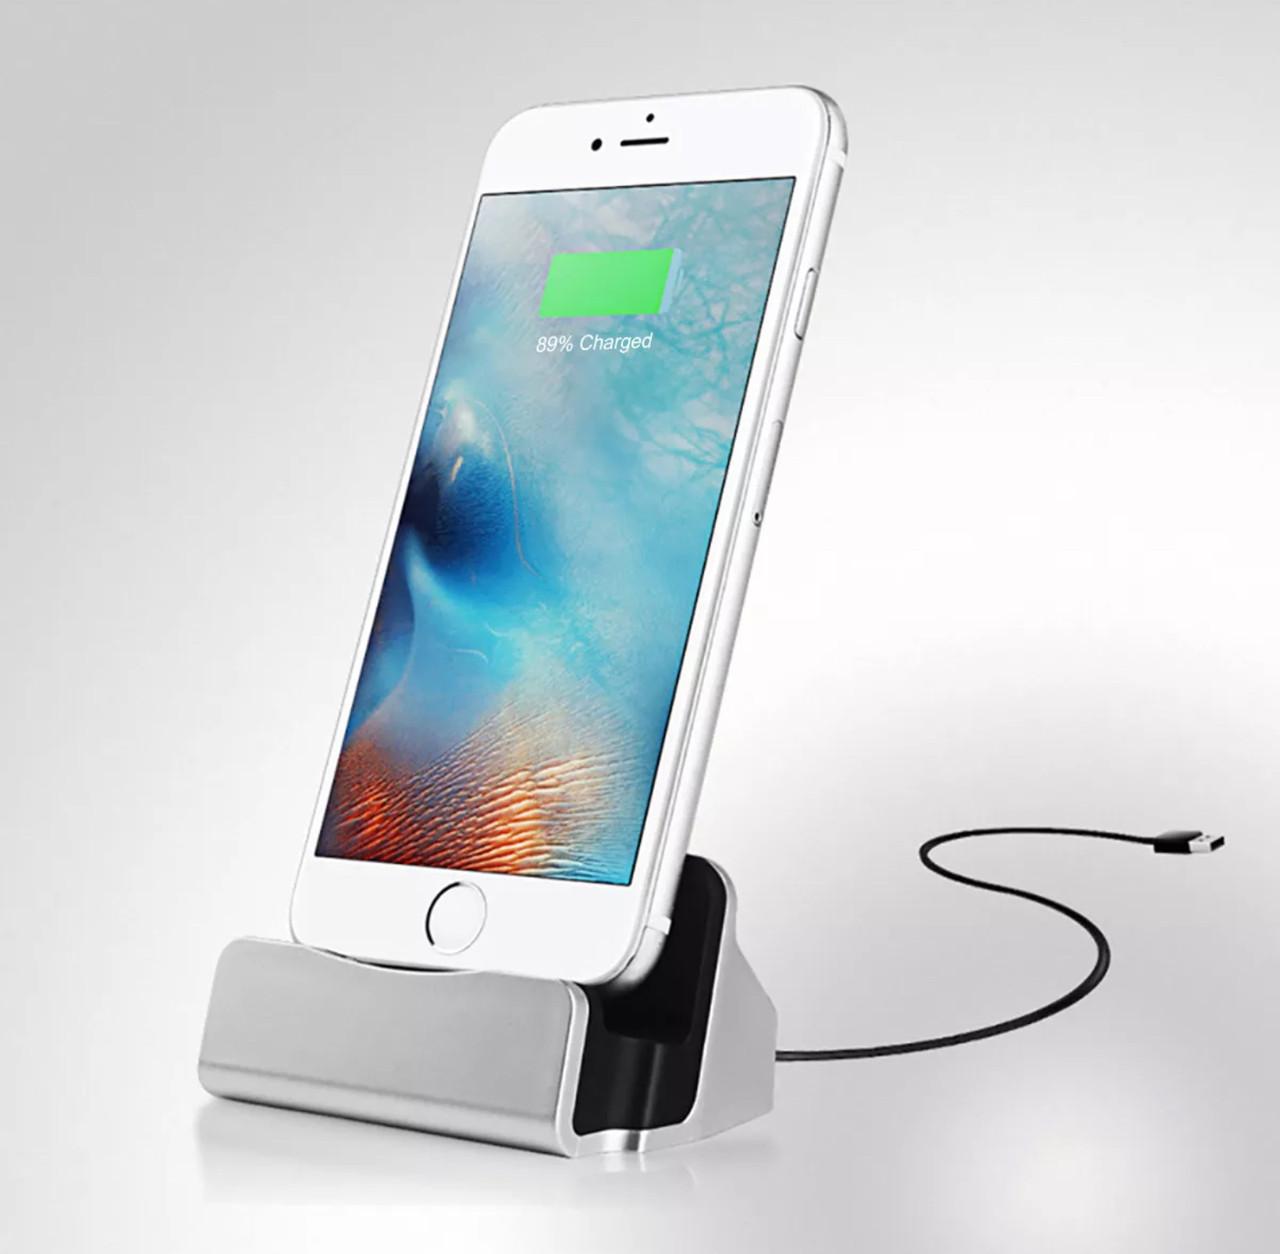 Док-станция, зарядное устройство, подставка для iPhone  (серебристый)